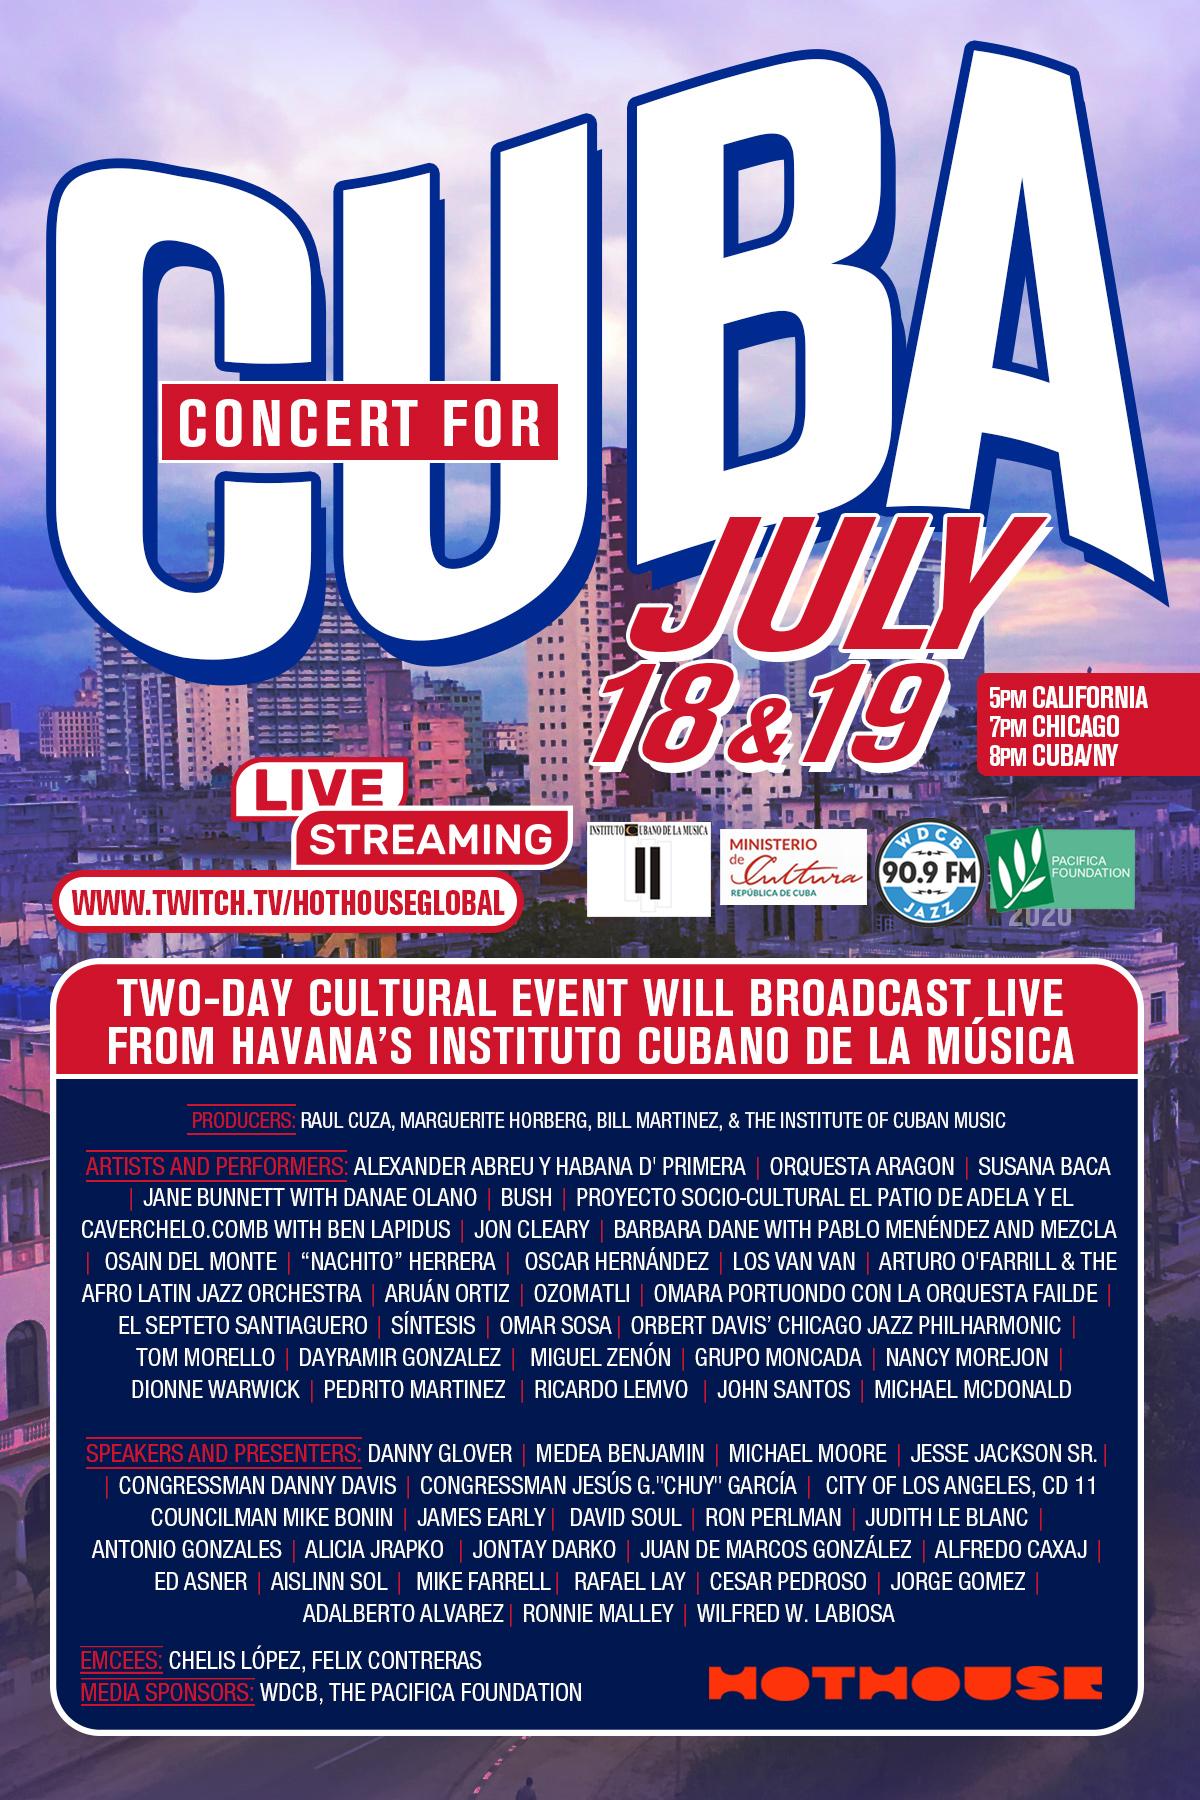 Cuba-Poster-1